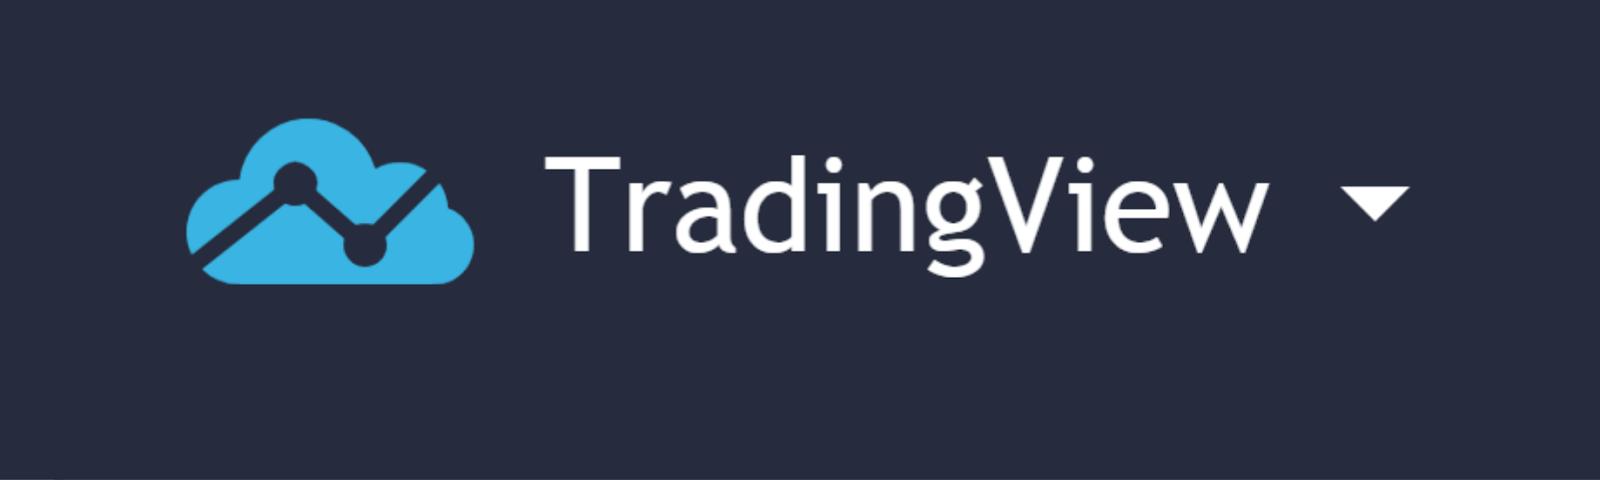 TradingView Profile